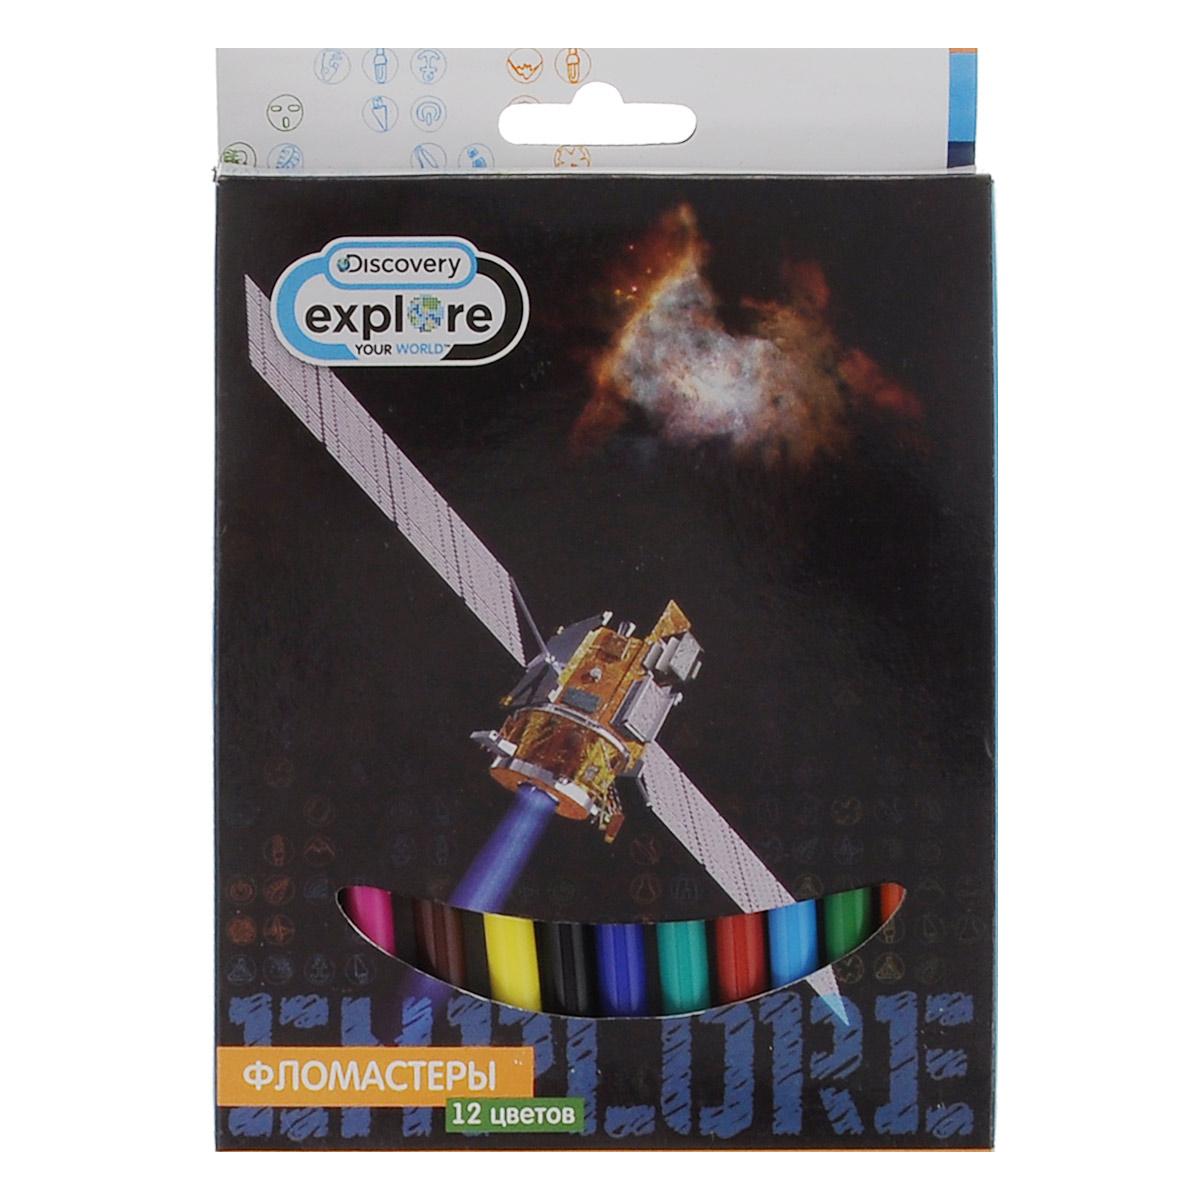 Фломастеры Action Discovery, 12 цветовDV-AWP105-12_СпутникФломастеры Discovery, предназначенные для рисования и раскрашивания, помогут вашему малышу создать неповторимые яркие картинки. Набор включает в себя 12 фломастеров ярких насыщенных цветов в разноцветных корпусах. Специальные чернила на водной основе легко смываются с кожи и отстирываются с большинства тканей. Корпус фломастеров изготовлен из полипропилена, а колпачок имеет специальные прорези, что обеспечивает вентилирование, еще больше увеличивает срок службы чернил и предотвращает их преждевременное высыхание. Не требуют особых условий хранения. Товар предназначен для детей старше трех лет.